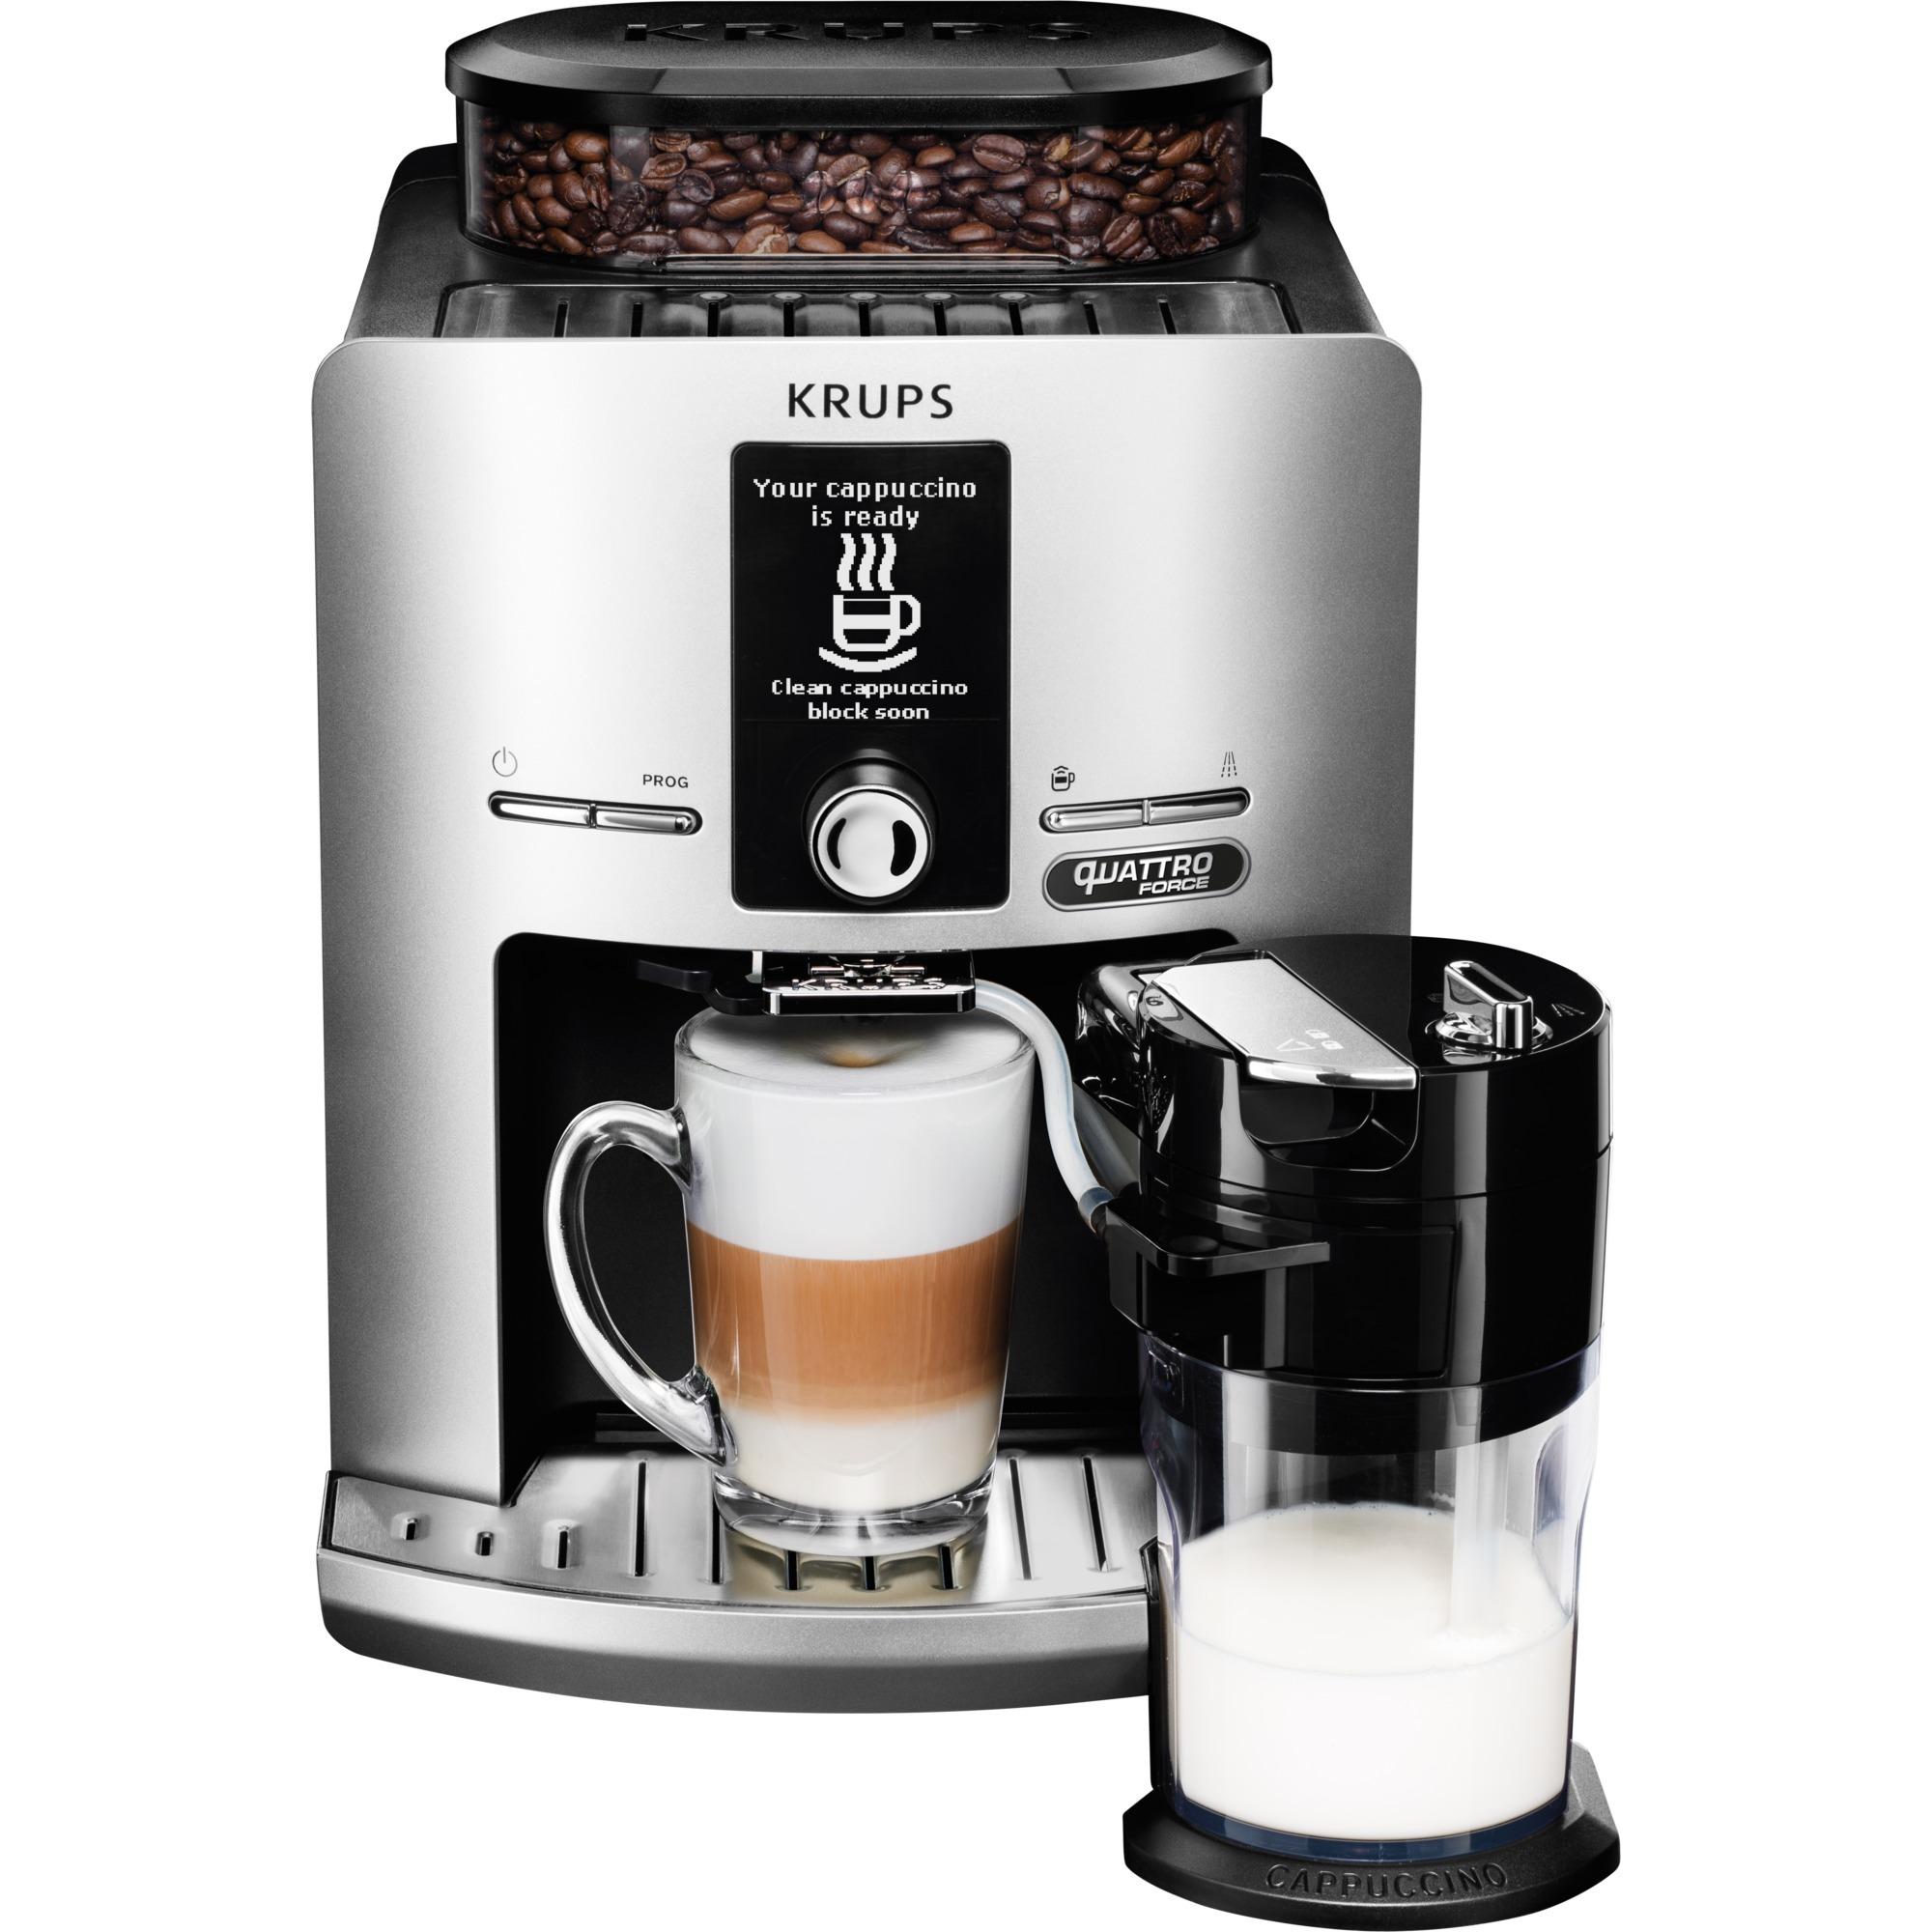 EA82FE cafetera eléctrica Independiente Máquina espresso Plata 1,7 L 12 tazas Totalmente automática, Superautomática